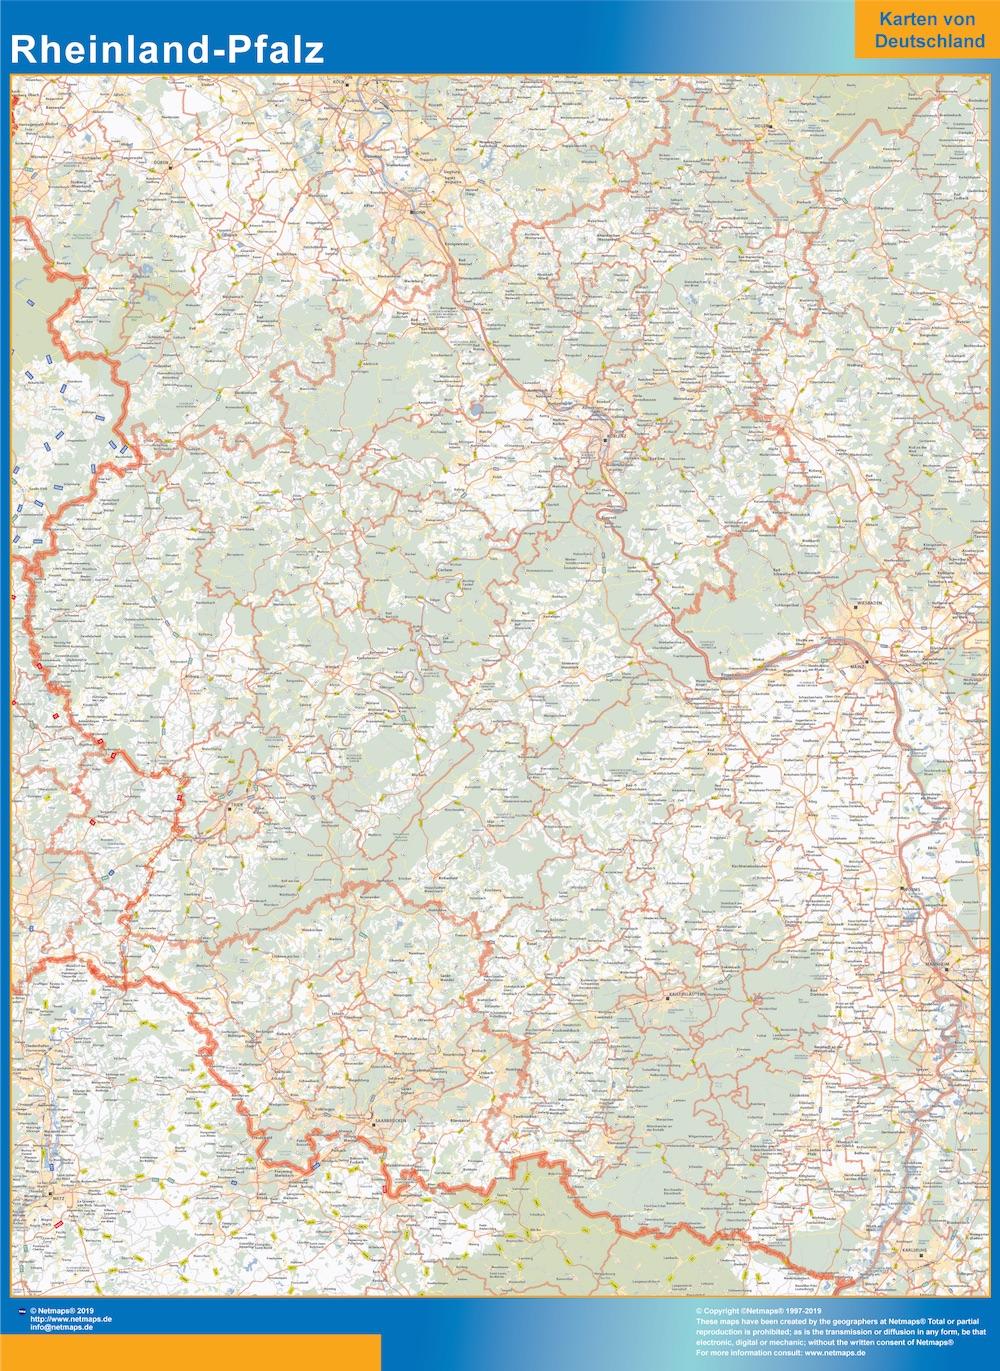 Mapa Rheinland-Pfalz plastificado gigante